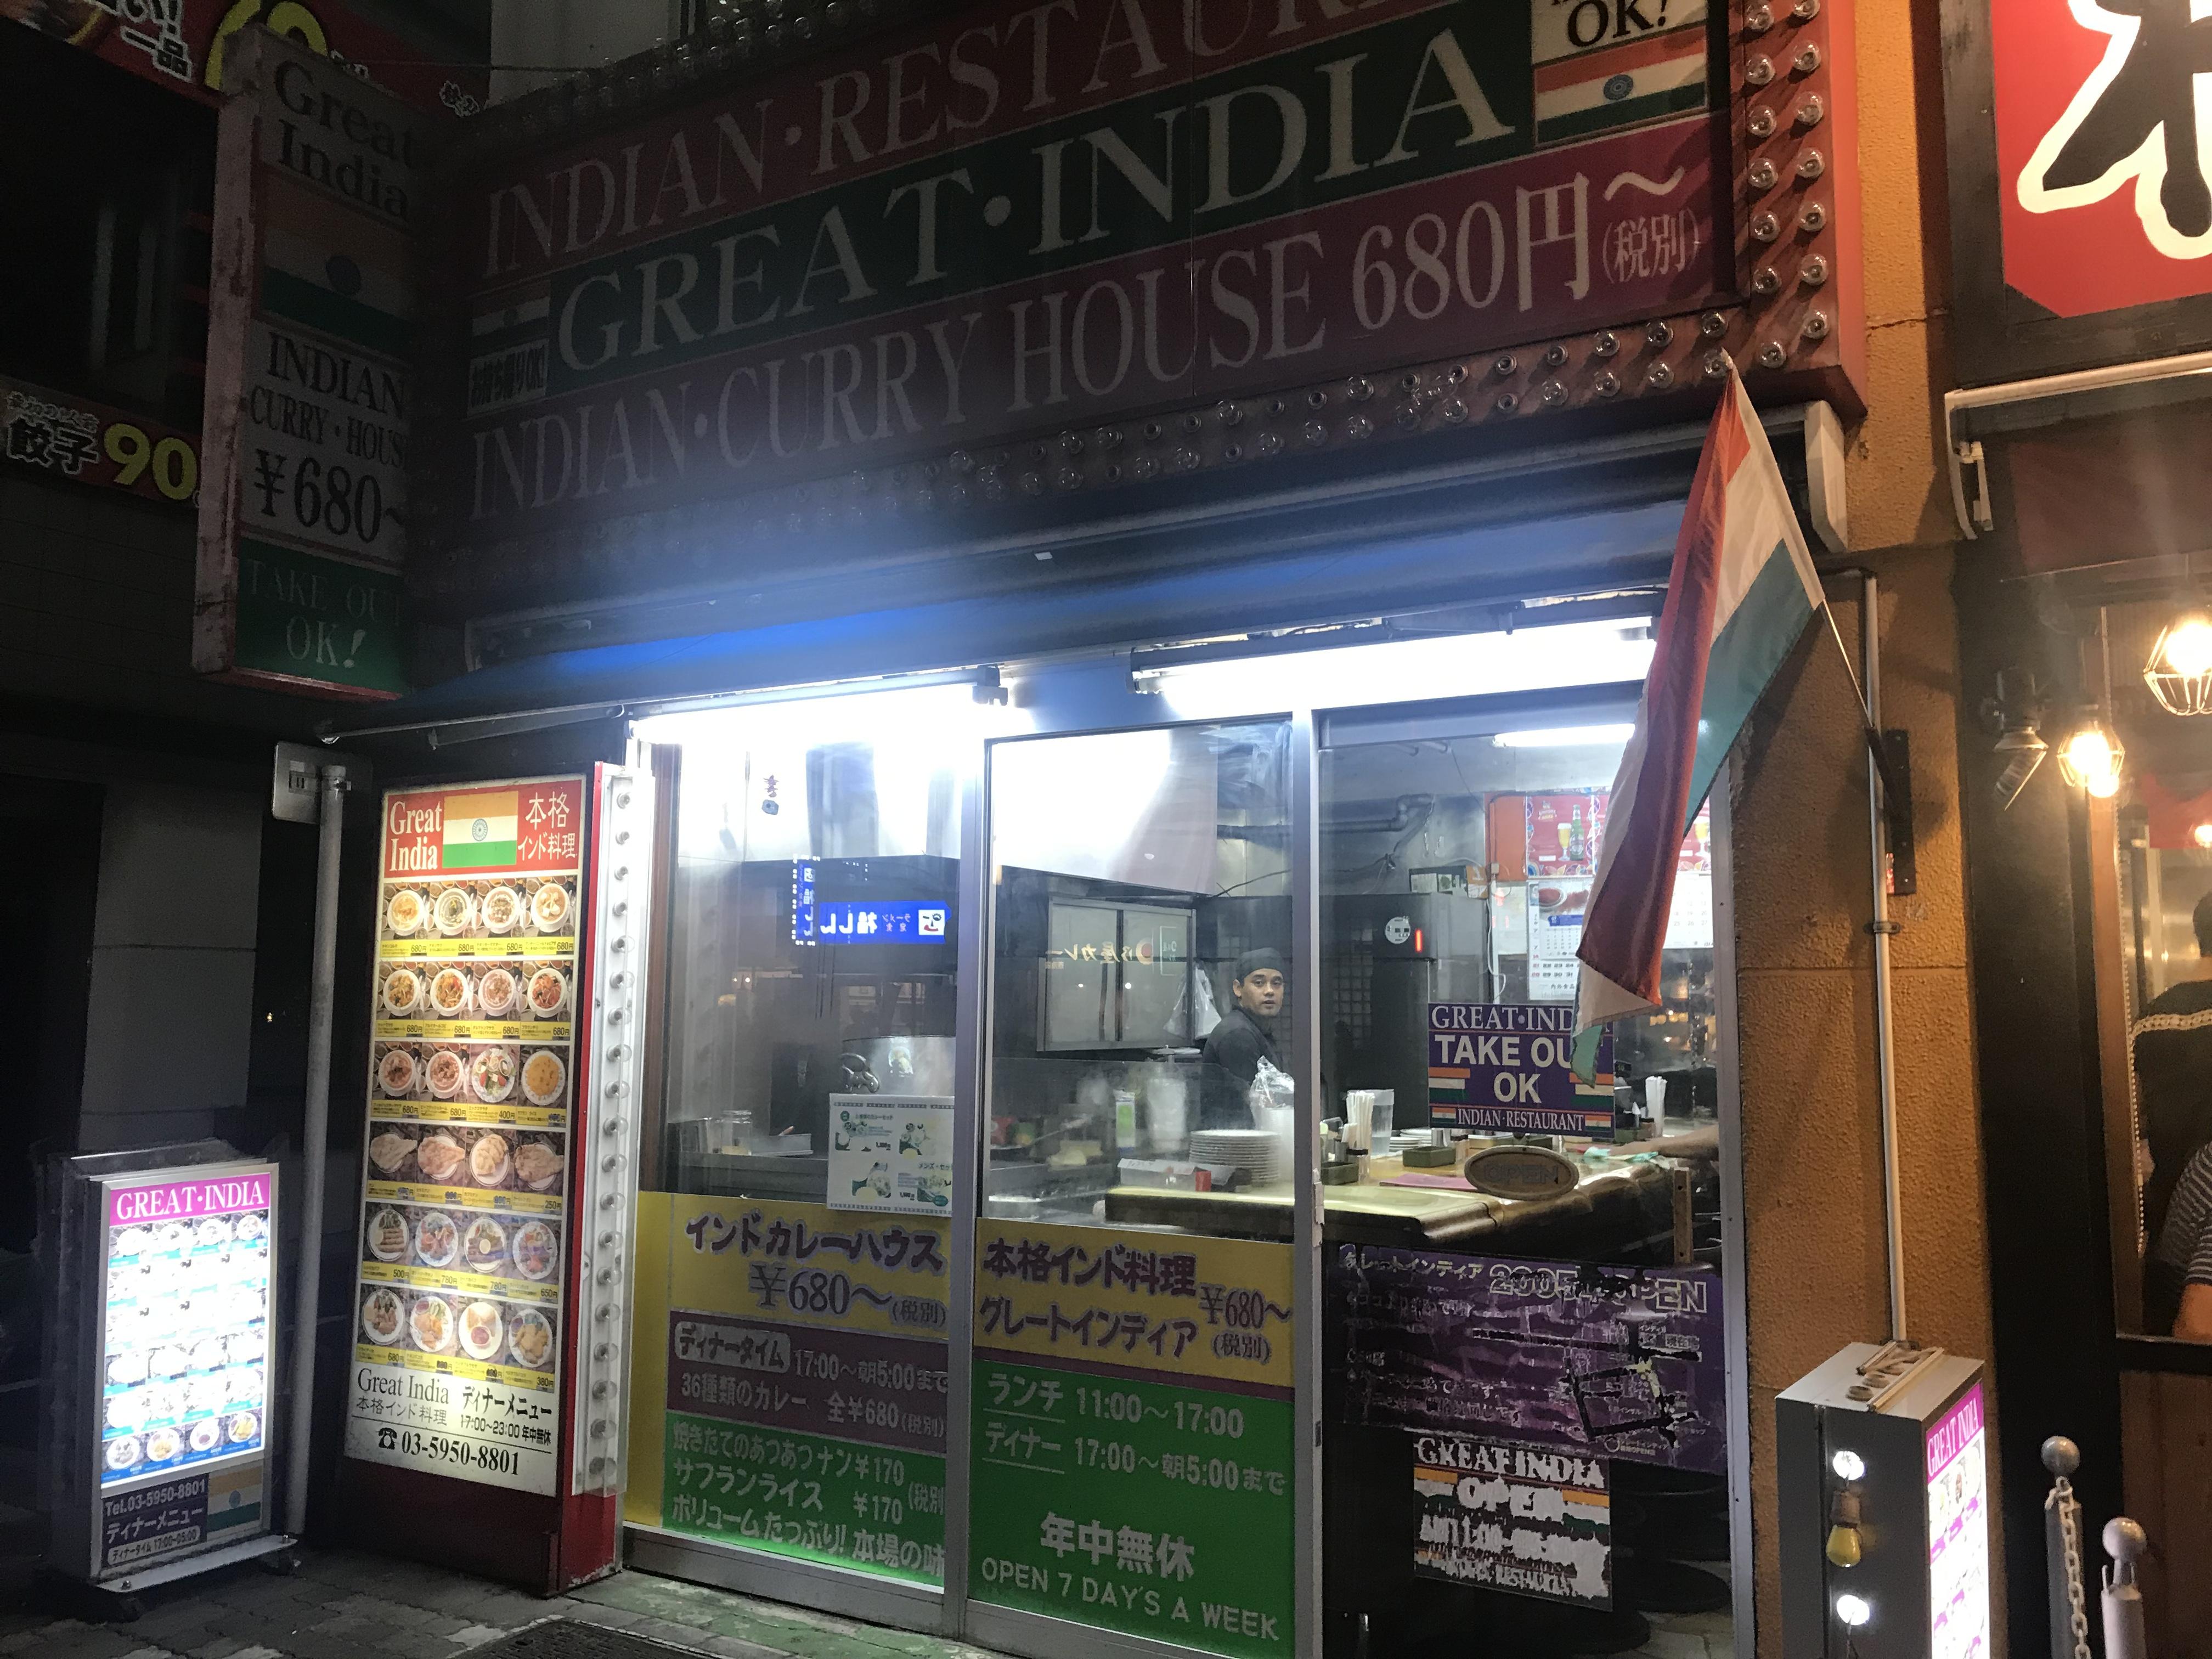 池袋駅西口で見つけた美味しいインドカレー屋さん